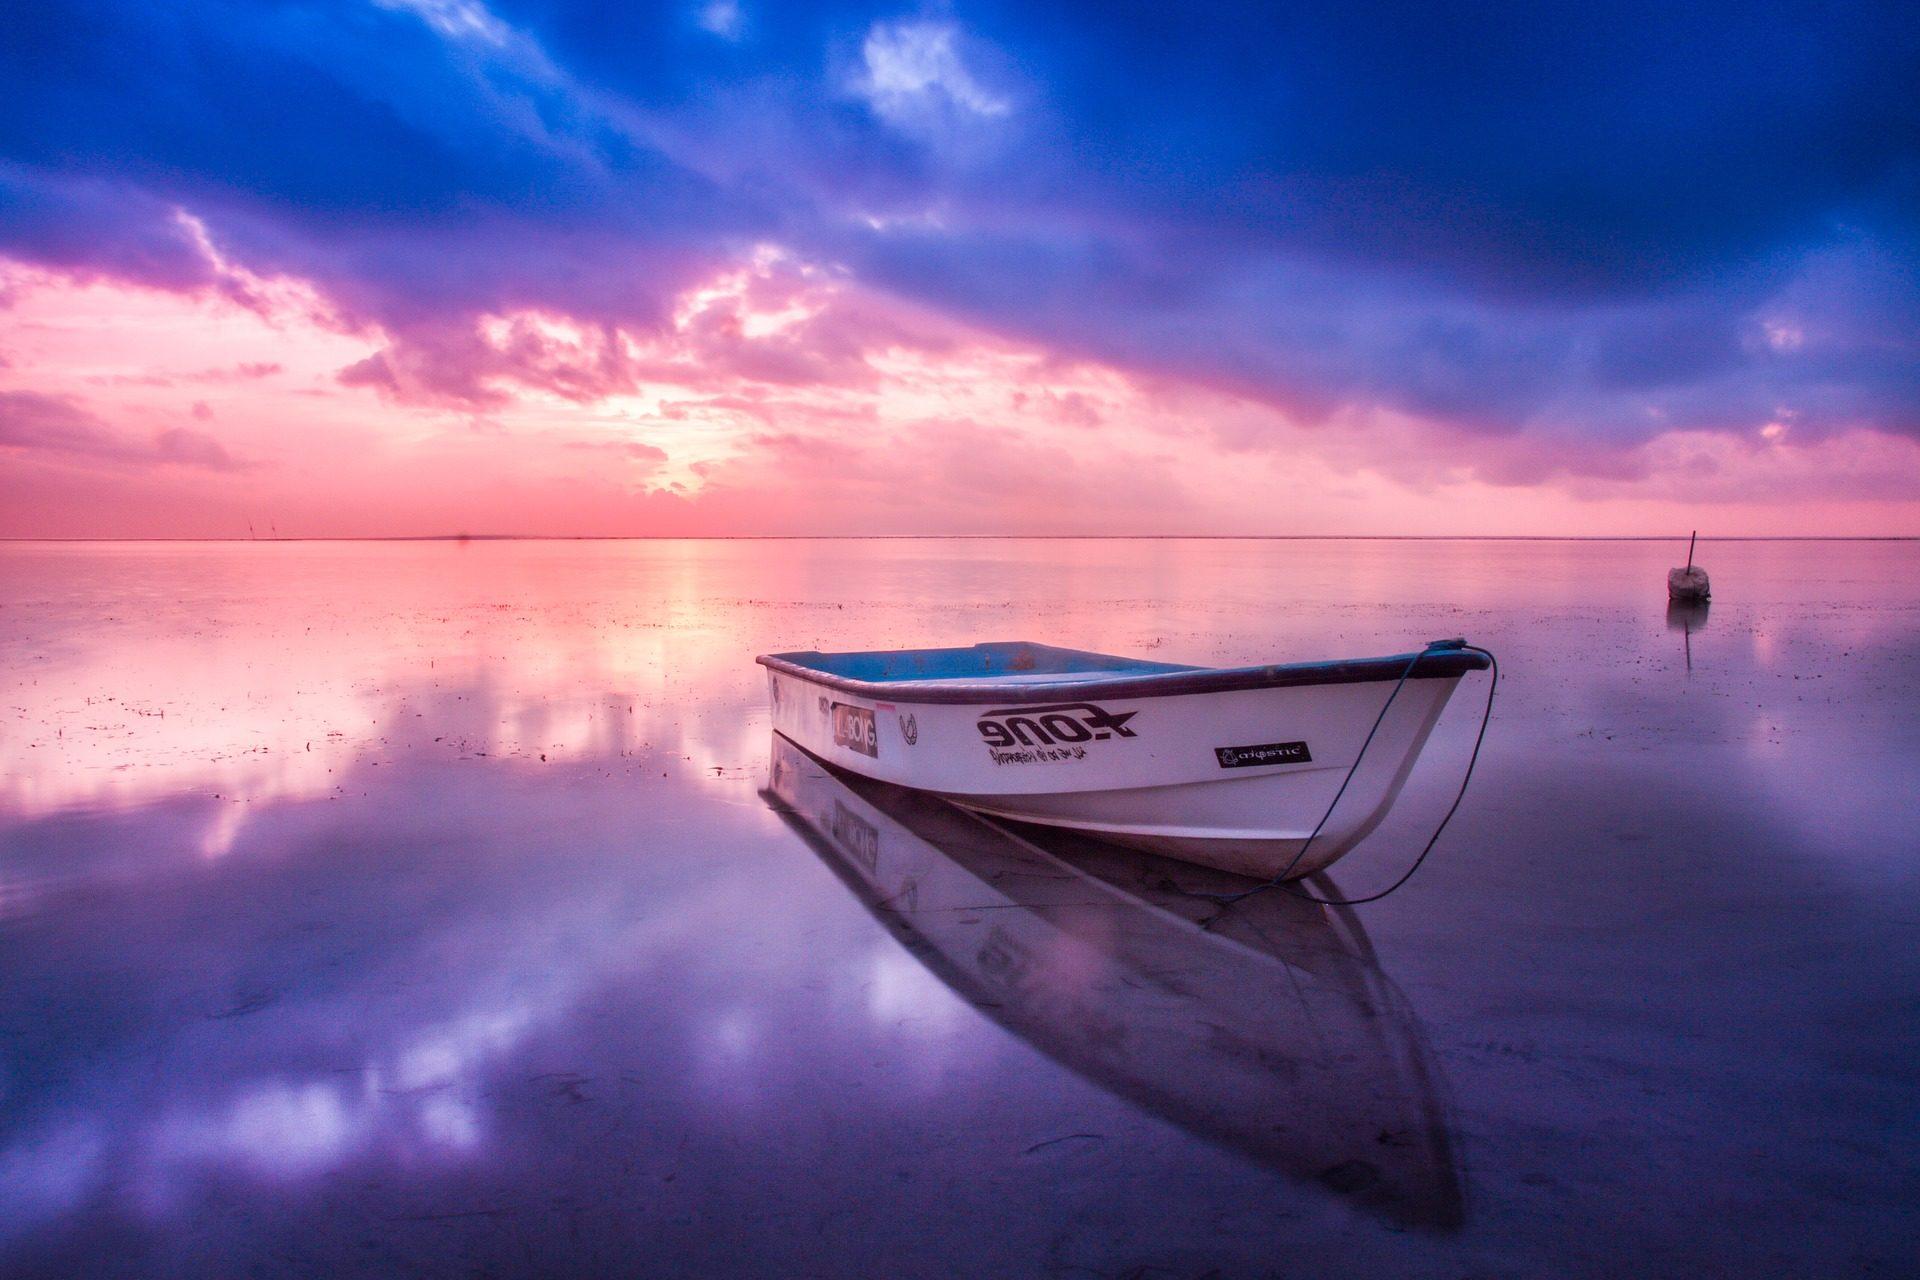 Барка, лодка, Пляж, Океан, Горизонт, облака, свет - Обои HD - Профессор falken.com